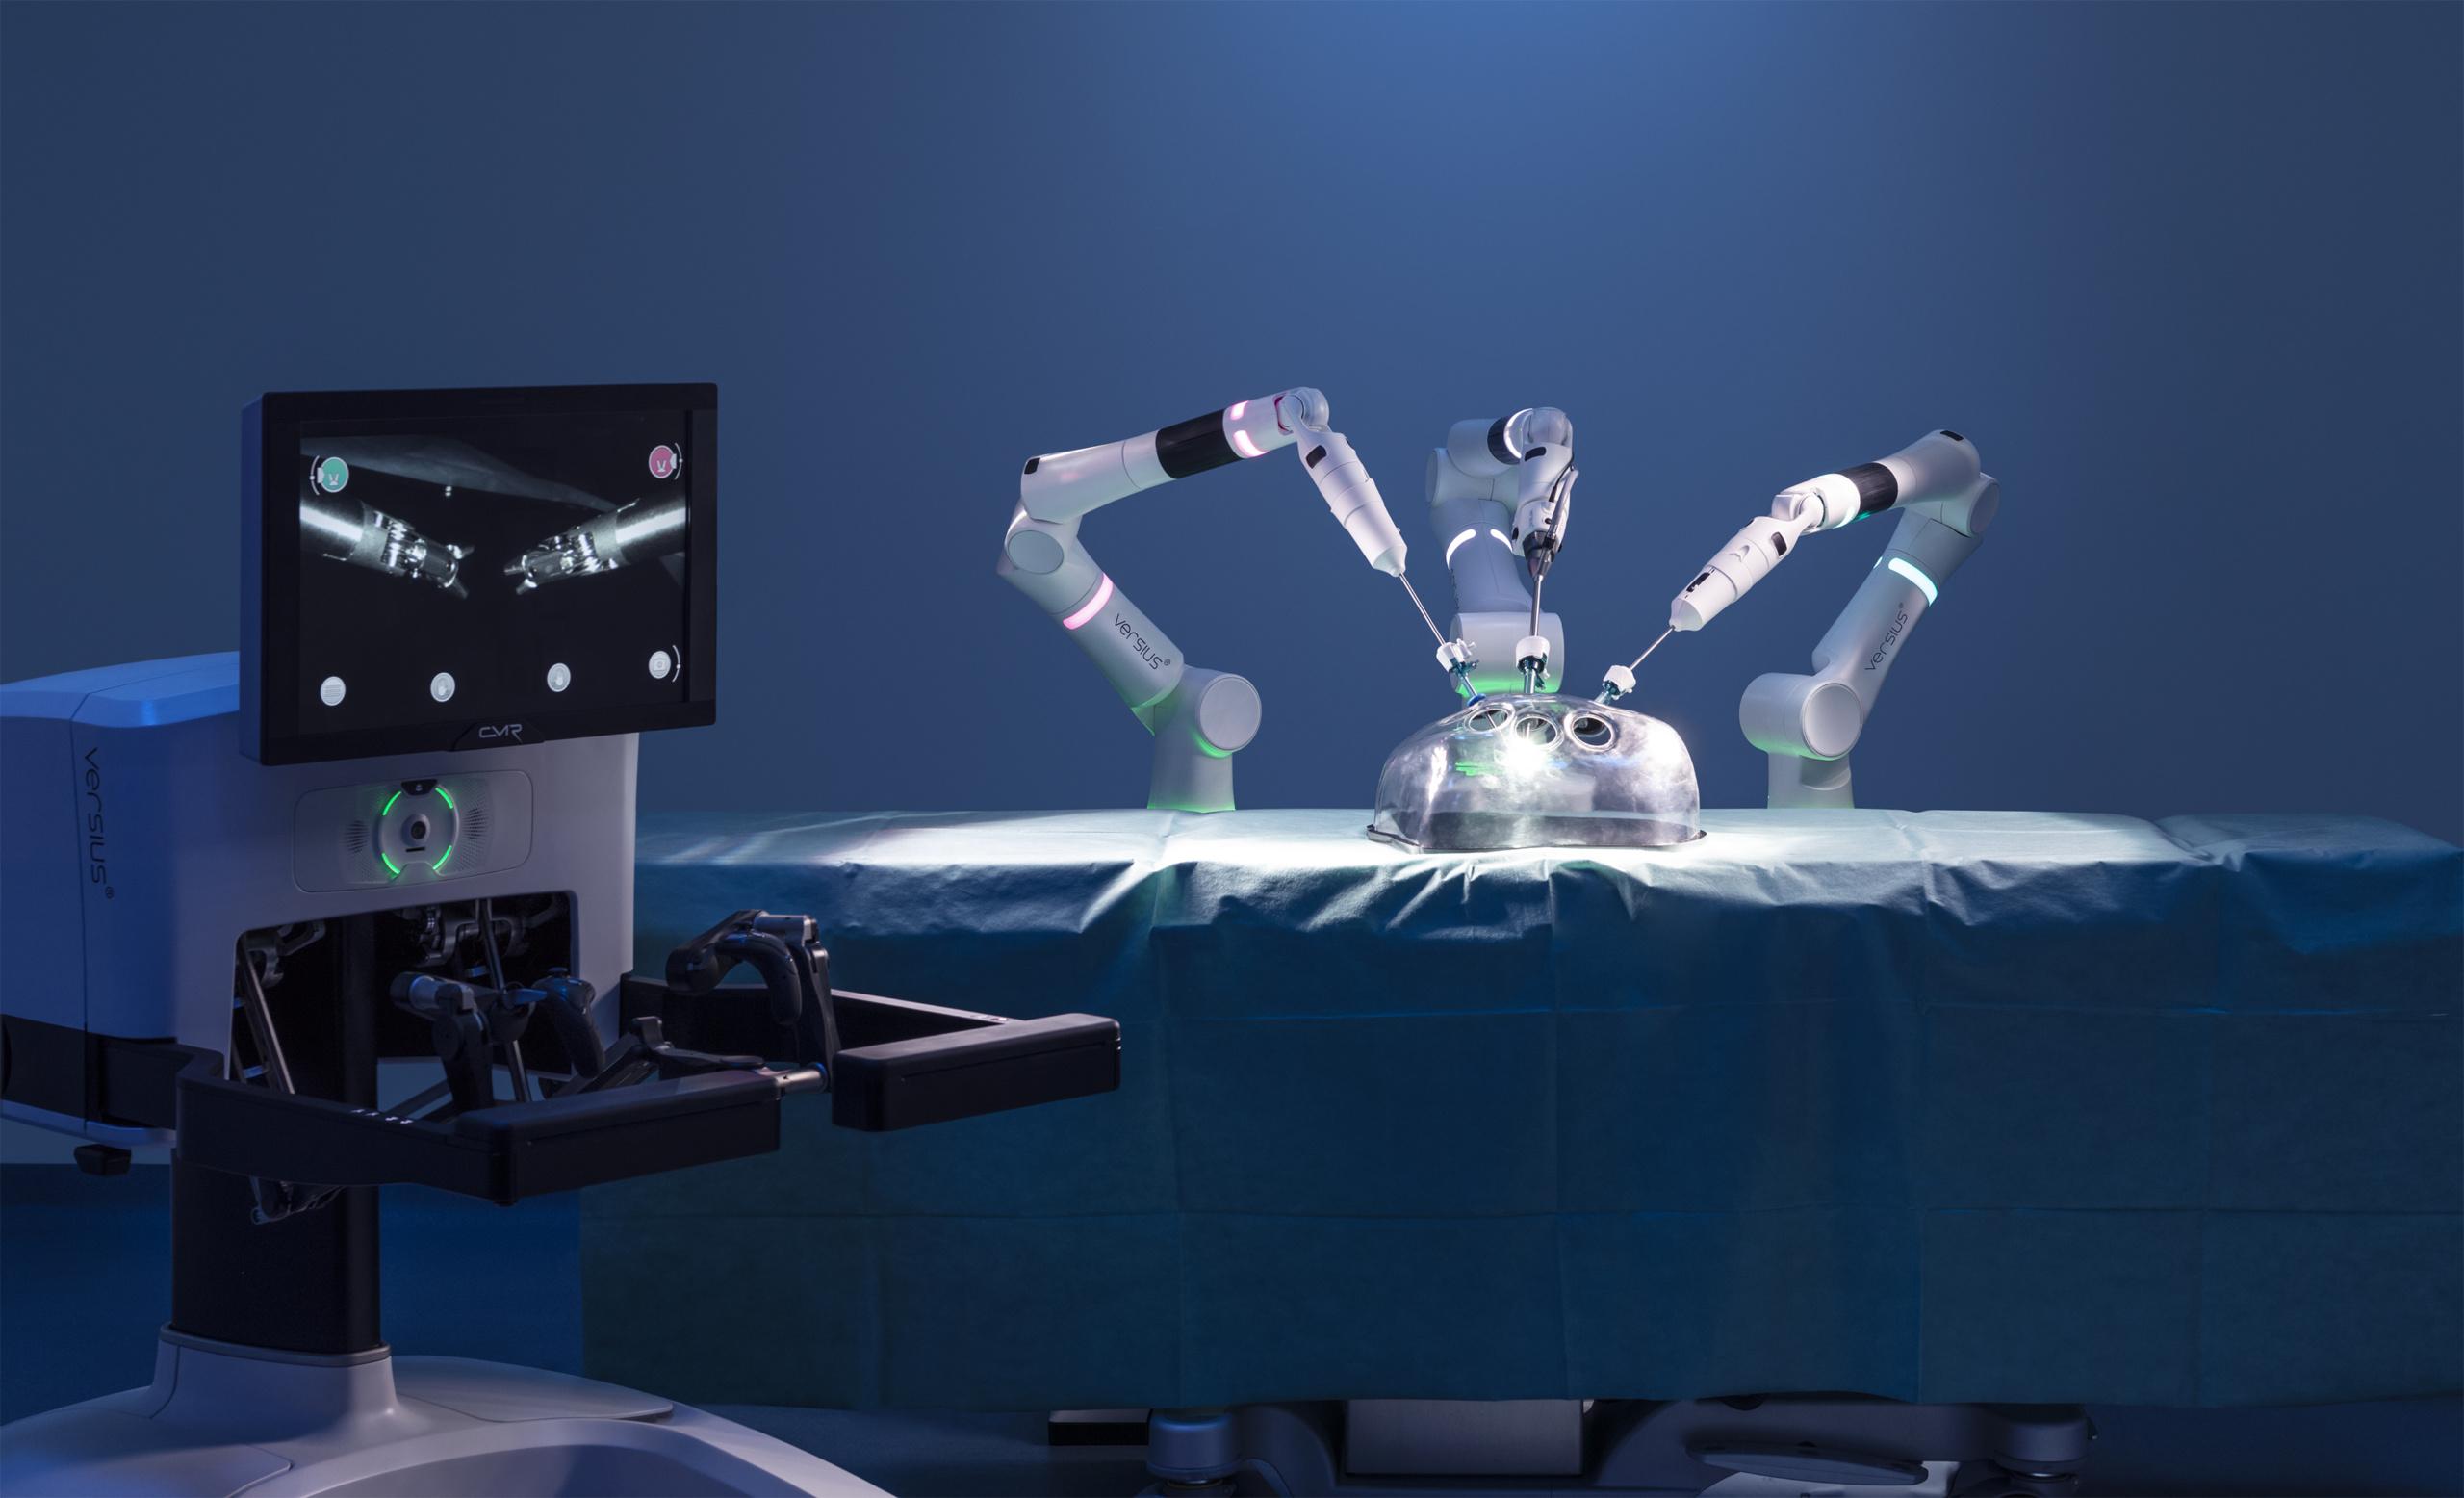 Surgical Robotics Devices Market